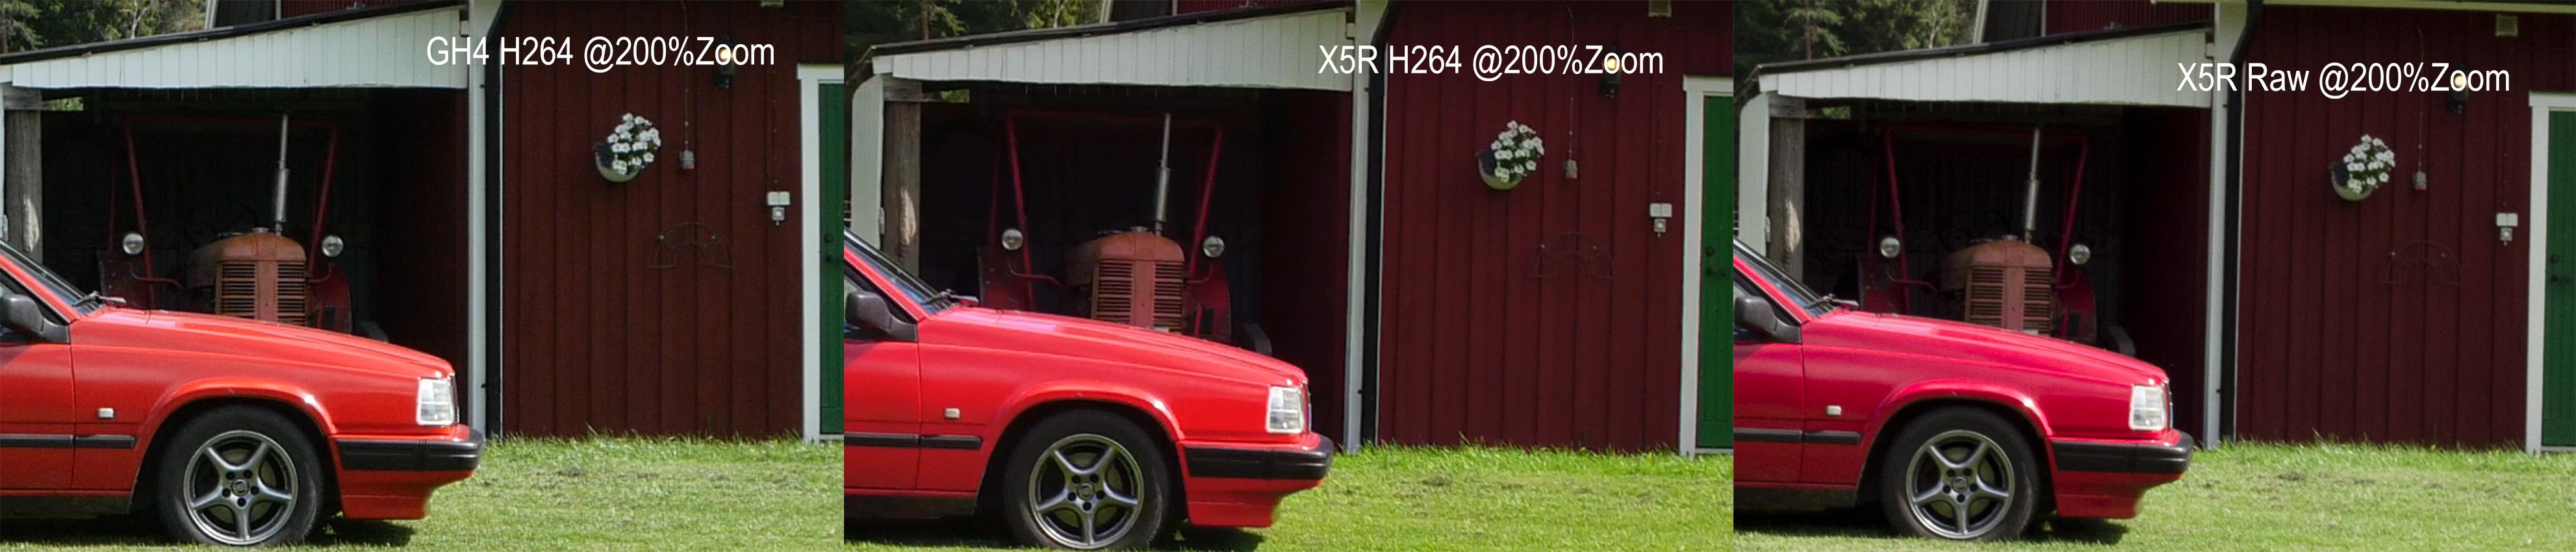 Comparison @200%Zoom GH4/ X5R H264/ X5R Raw